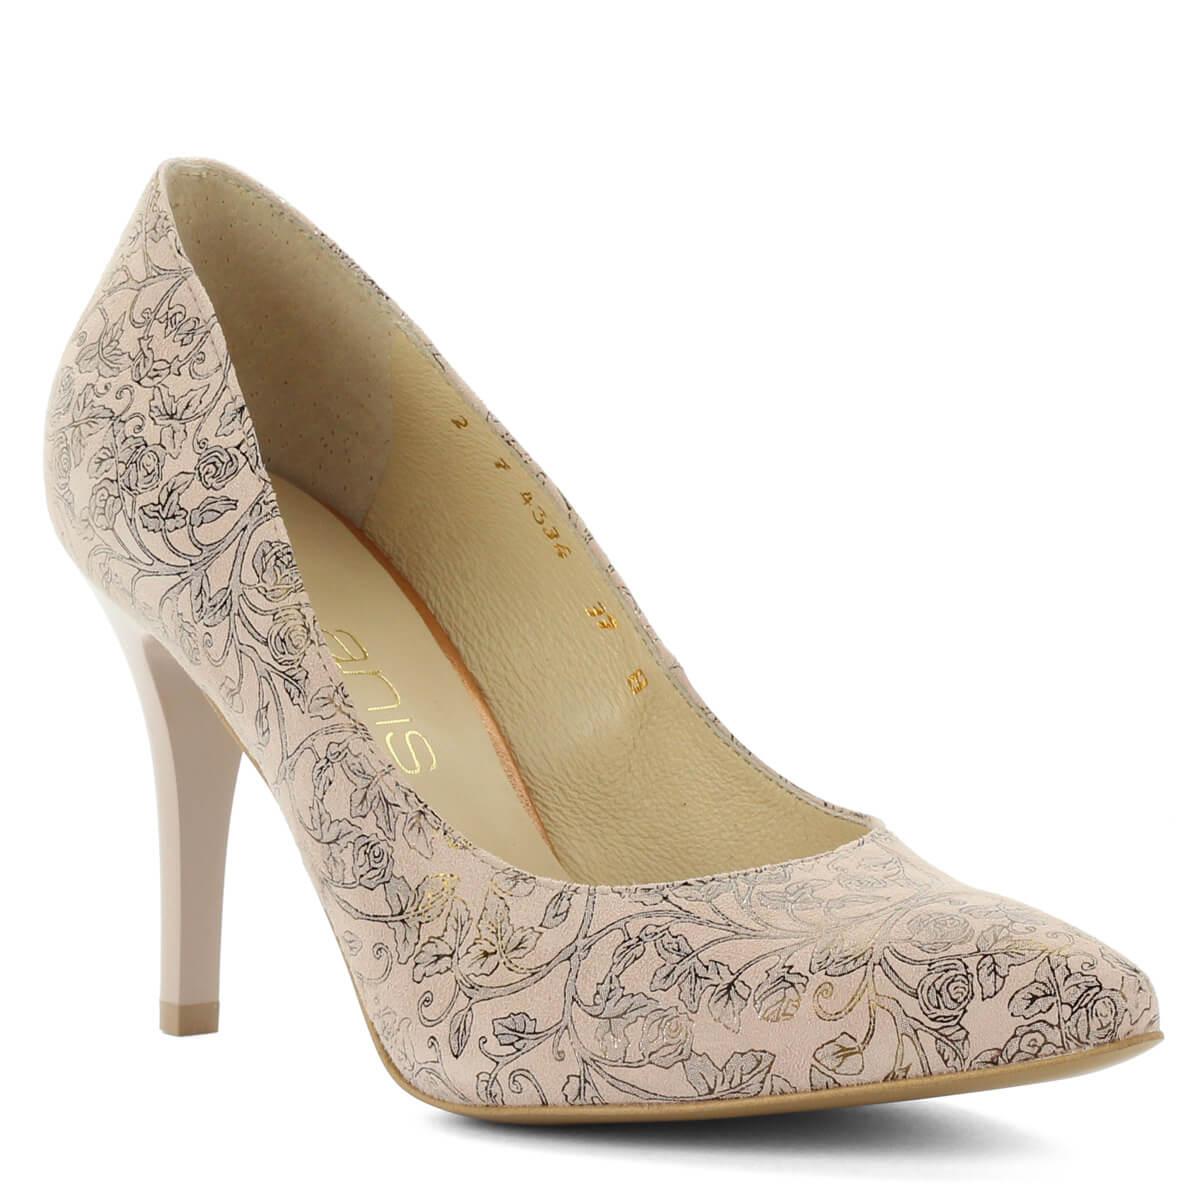 ... Virágmintás Anis magassarkú bőr cipő. Különleges mintájú felsőrésszel  készült. Kívül belül bőr 6e5316a3dd